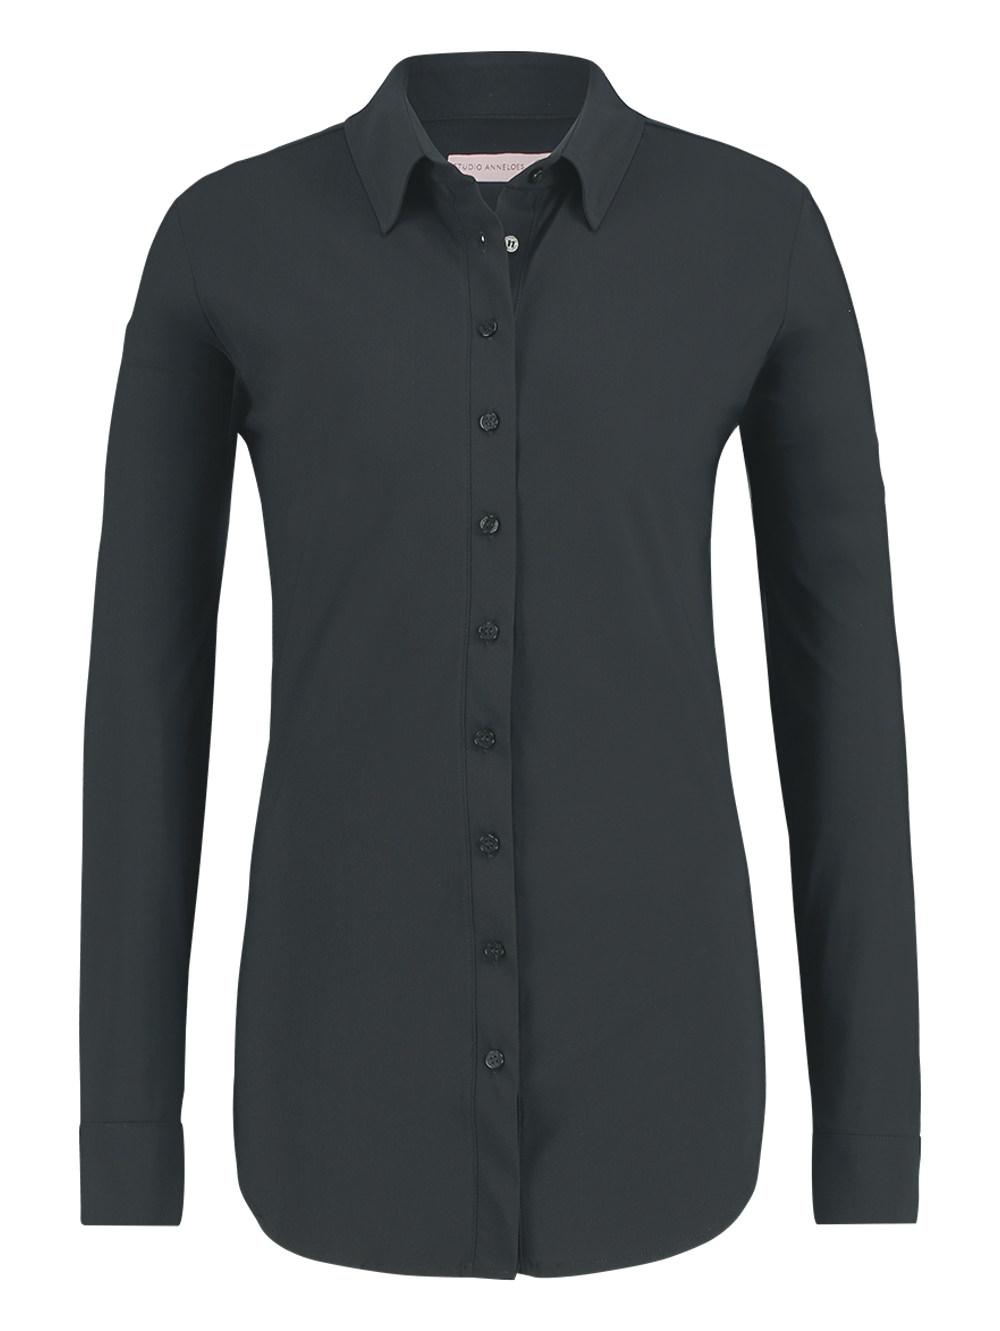 Poppy blouse - dark grey